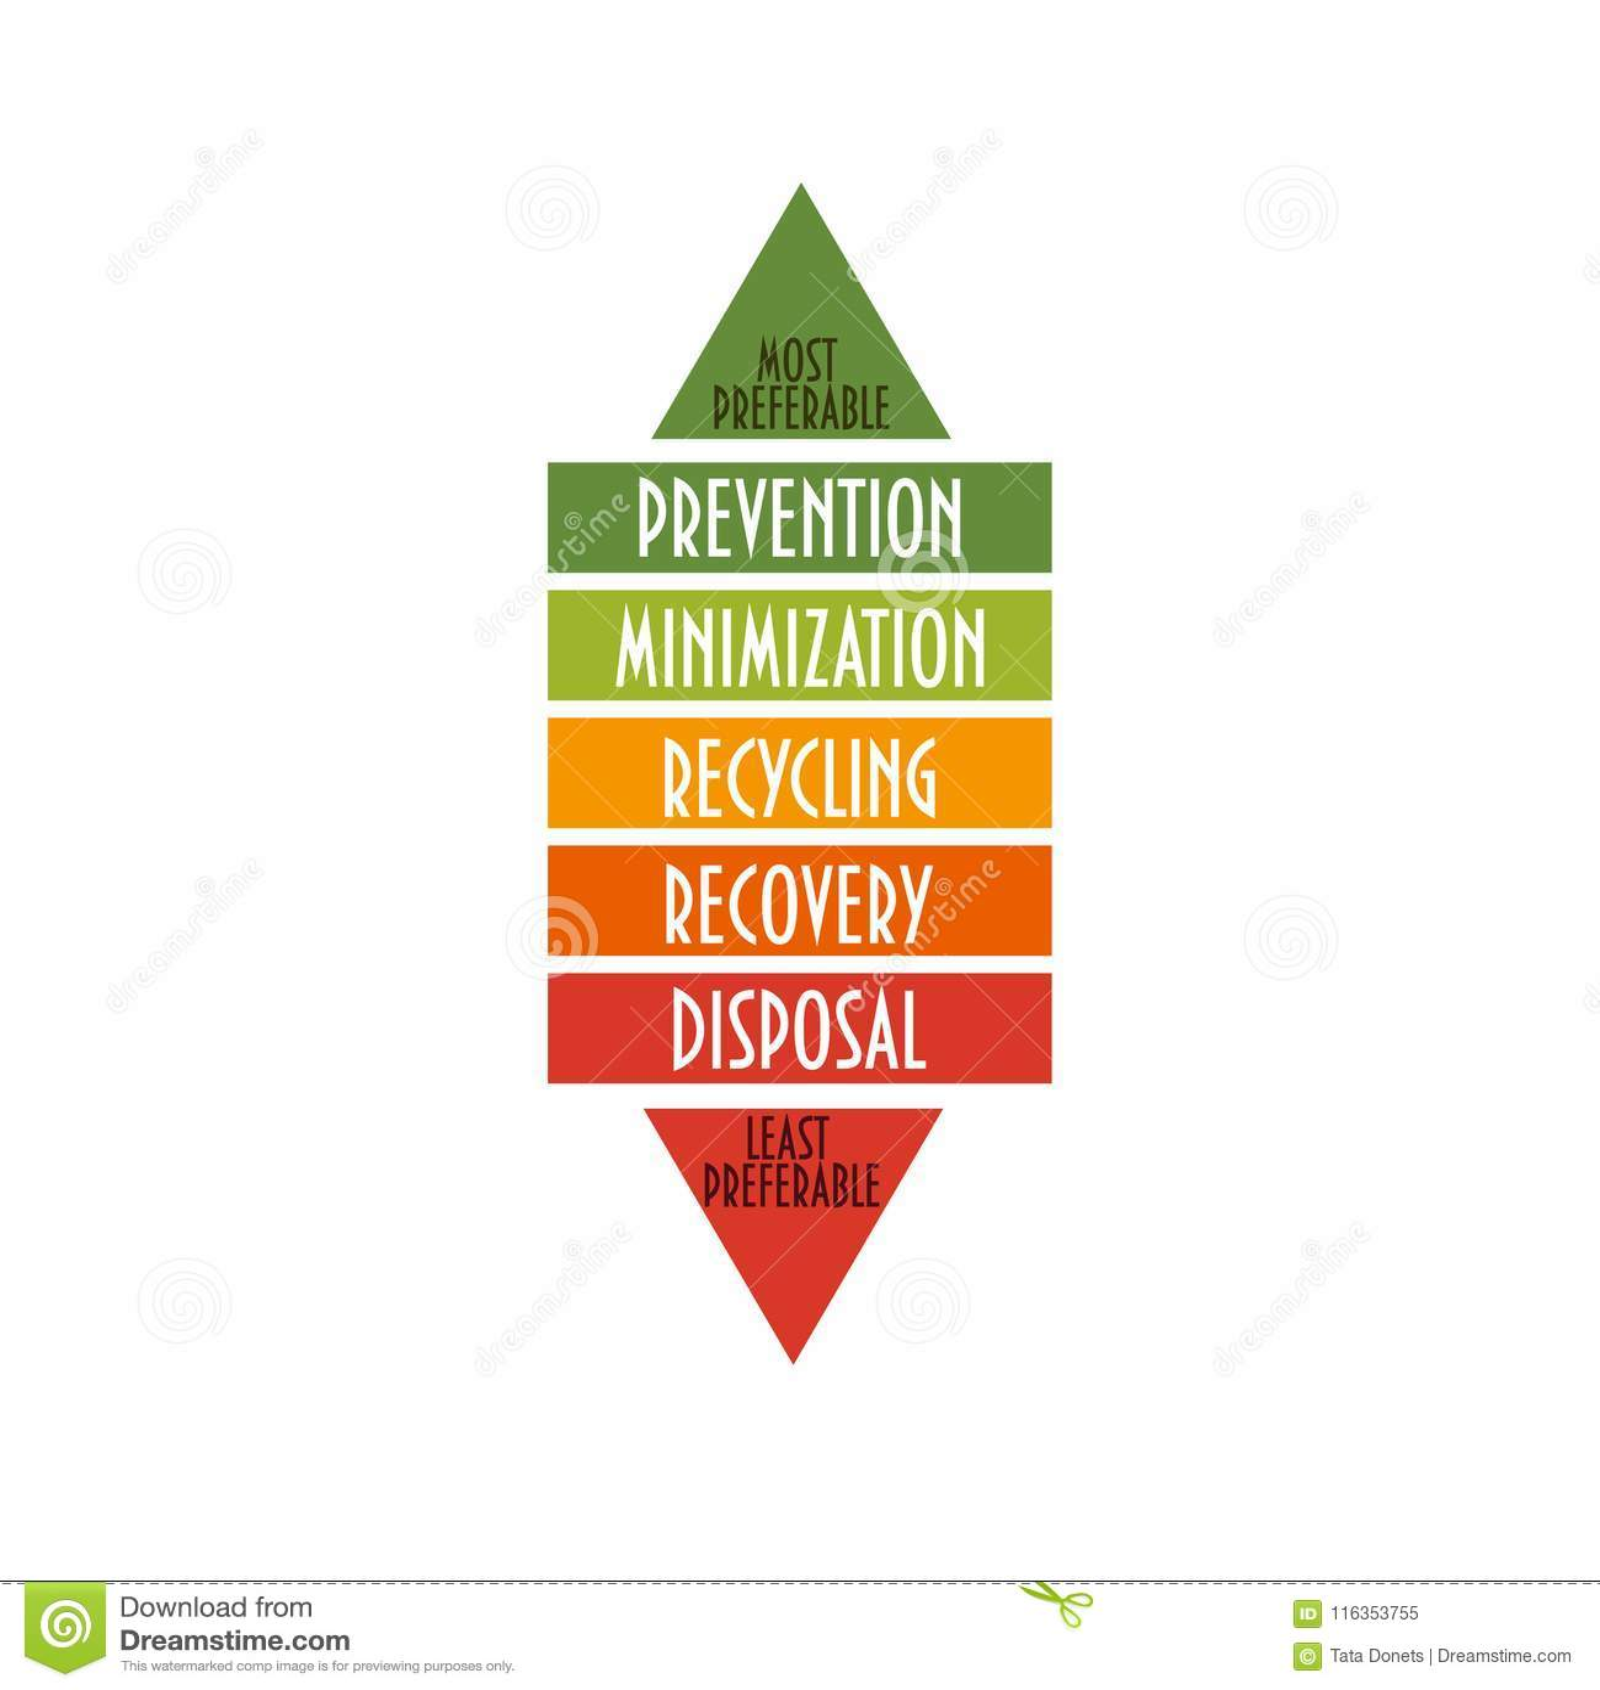 Gospodarki odpadami hierarchia Środowisko hierarchia wskazuje rozkaz preferencja dla akci zmniejszać odpady i kierować